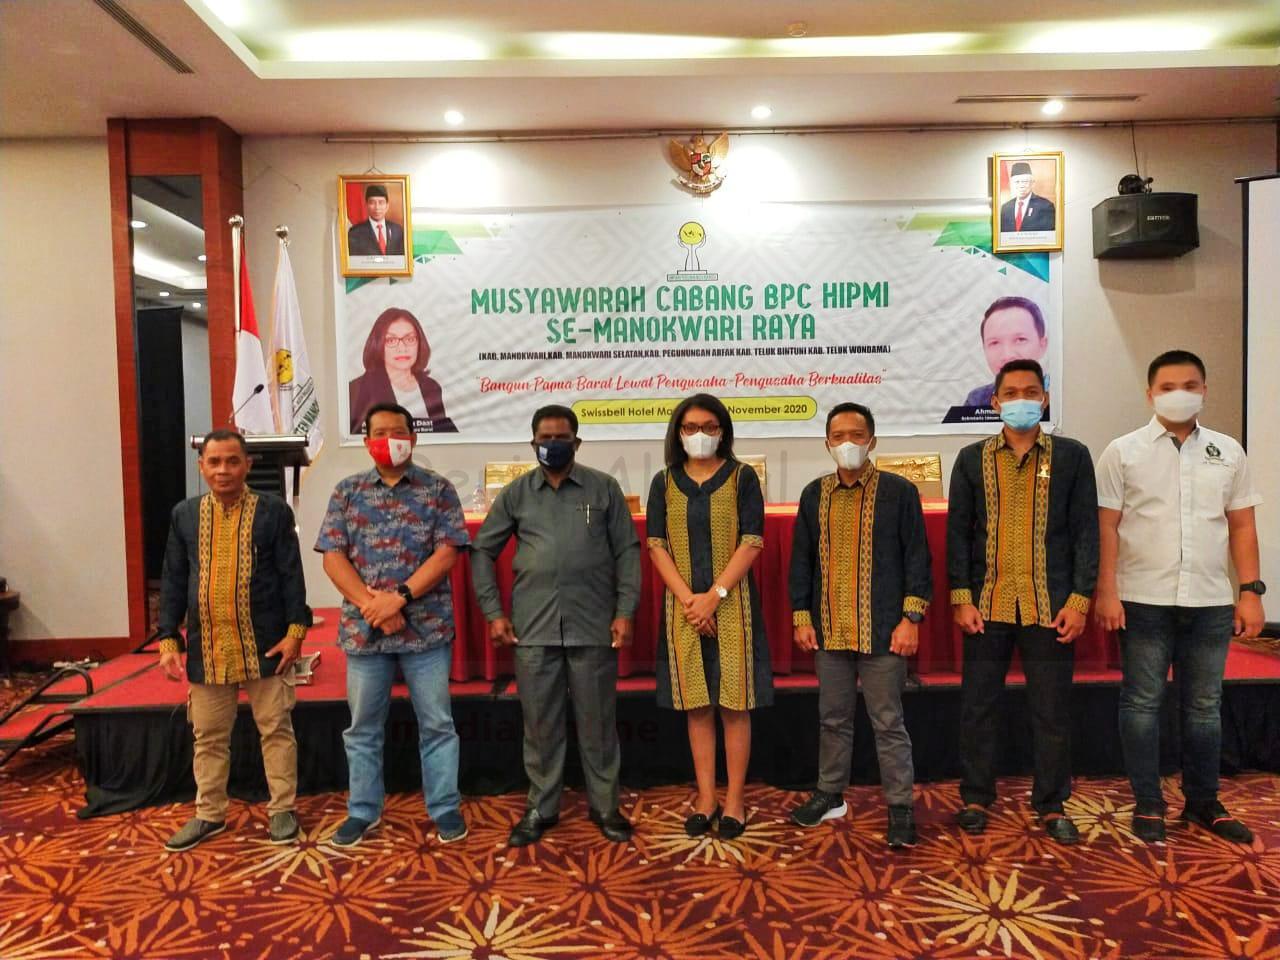 HIPMI Lahirkan Pengusaha Tularkan Kewirausahaan Untuk Generasi Muda di Papua Barat 1 IMG 20201107 WA0011